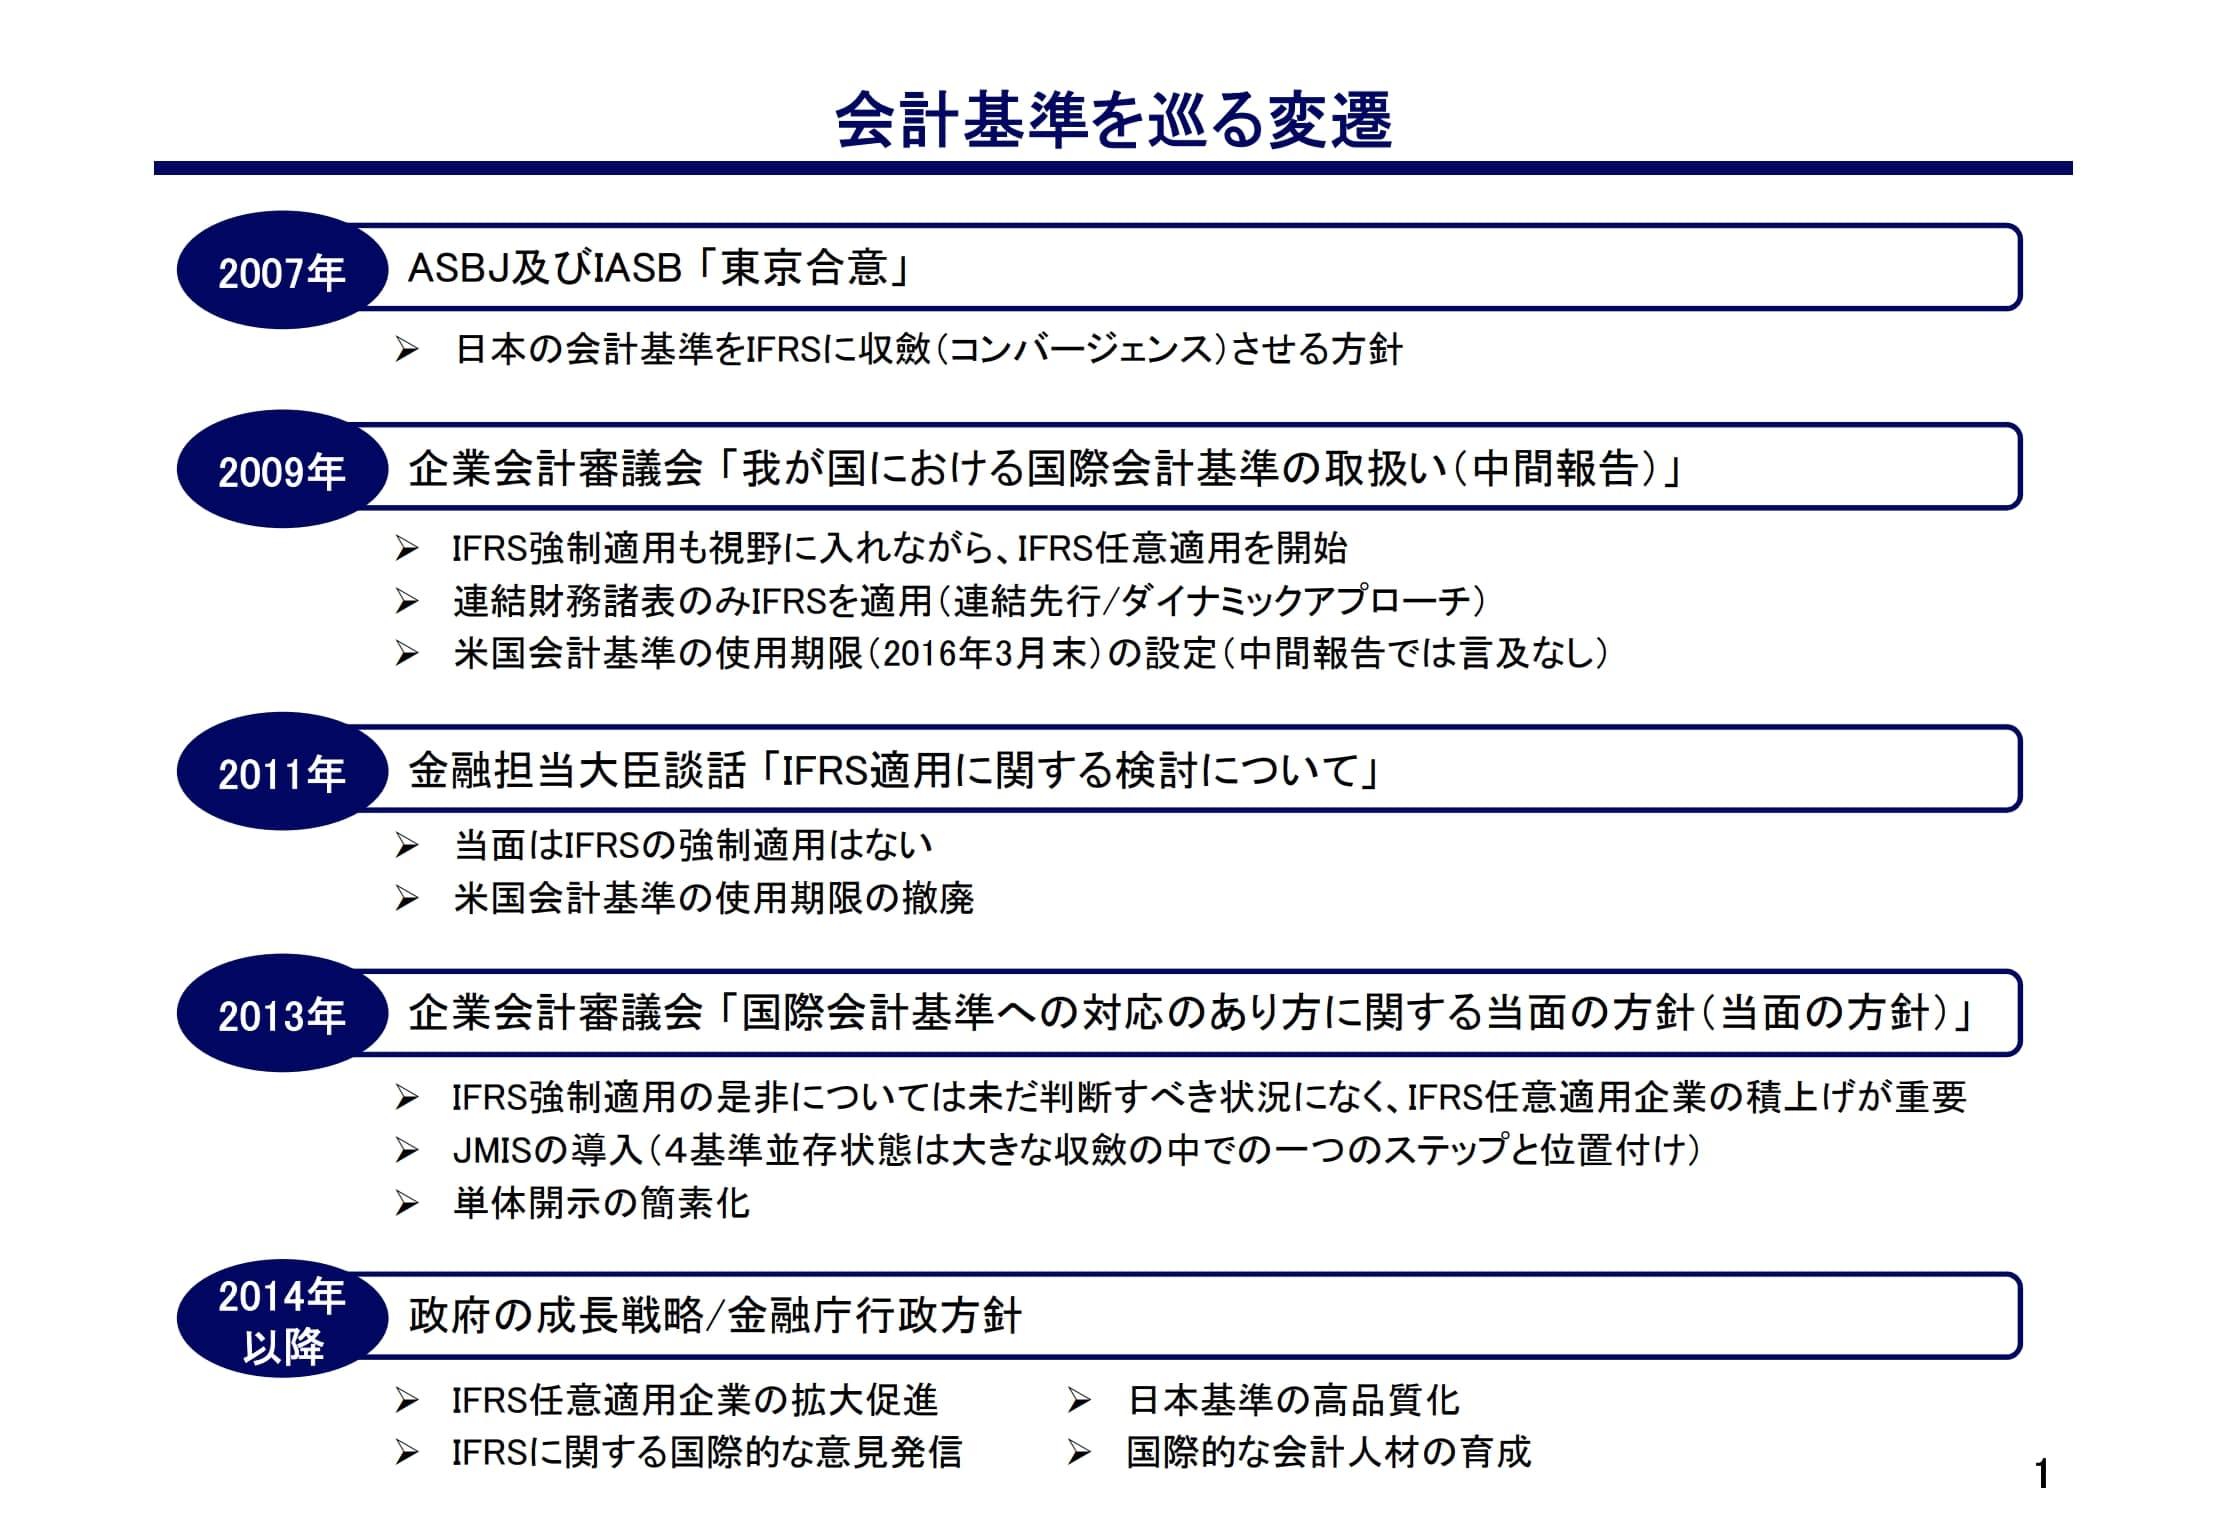 日本の会計基準